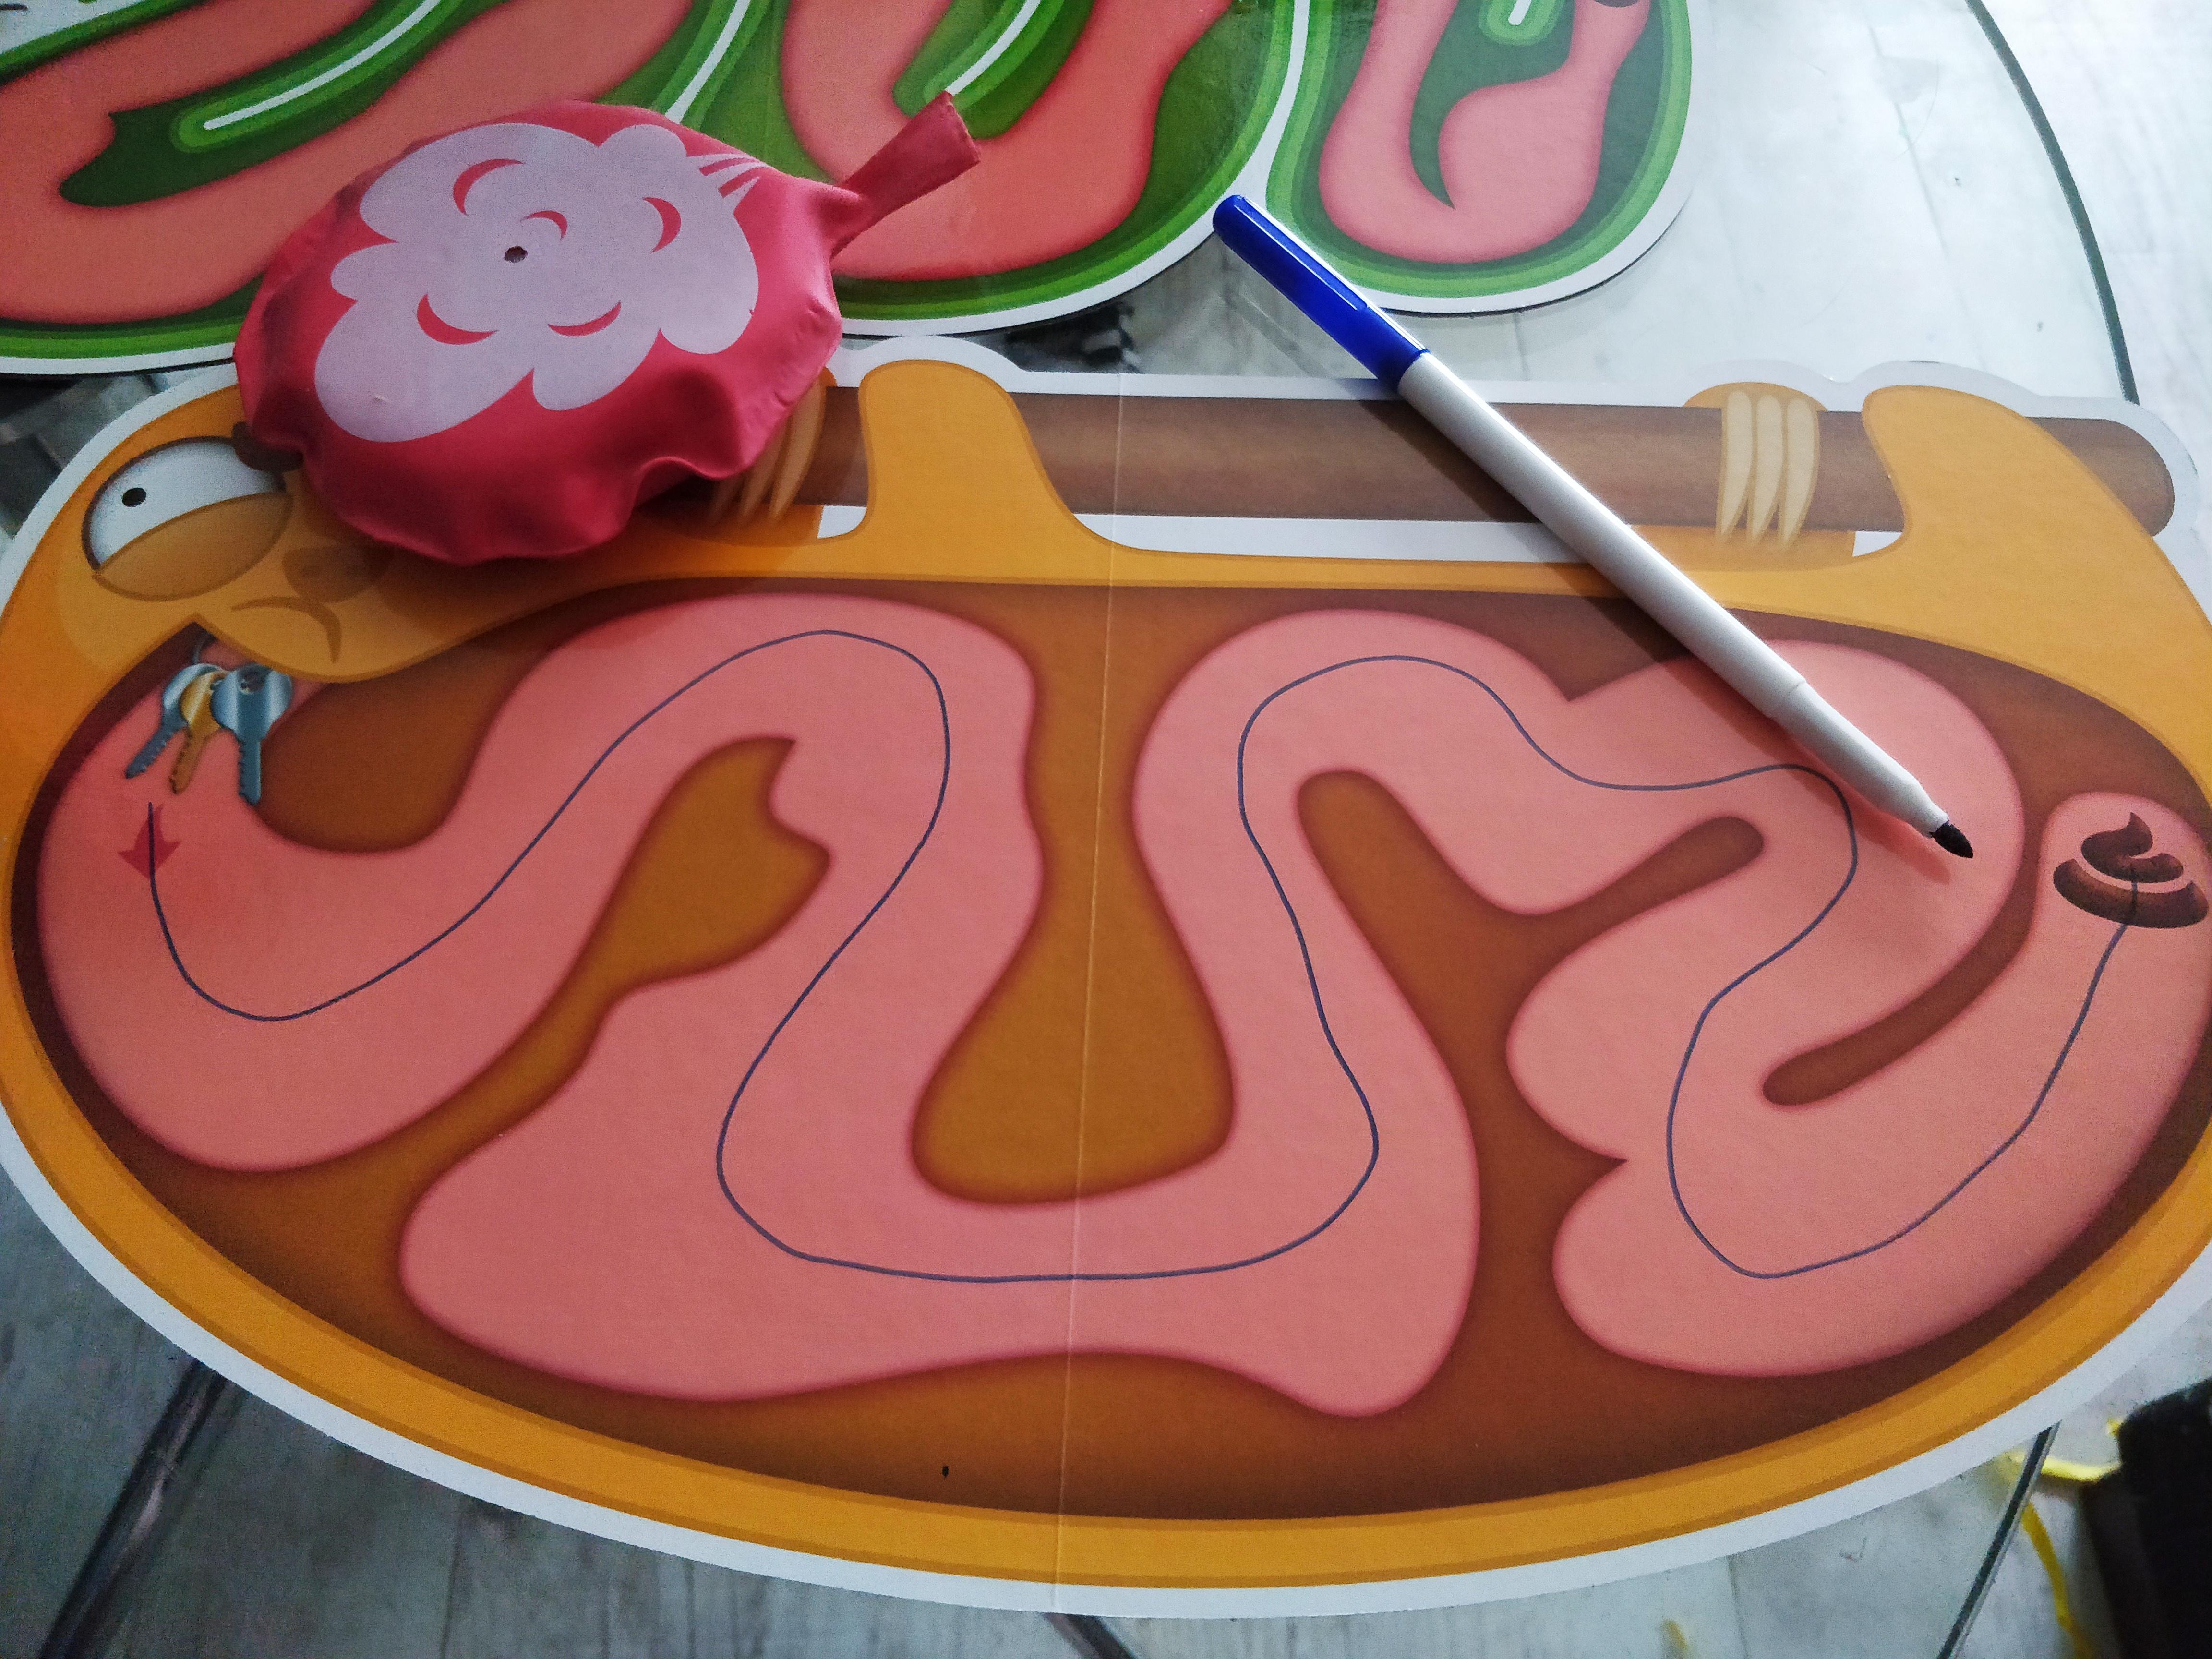 Poikien suosikki: kakka-lautapeli!